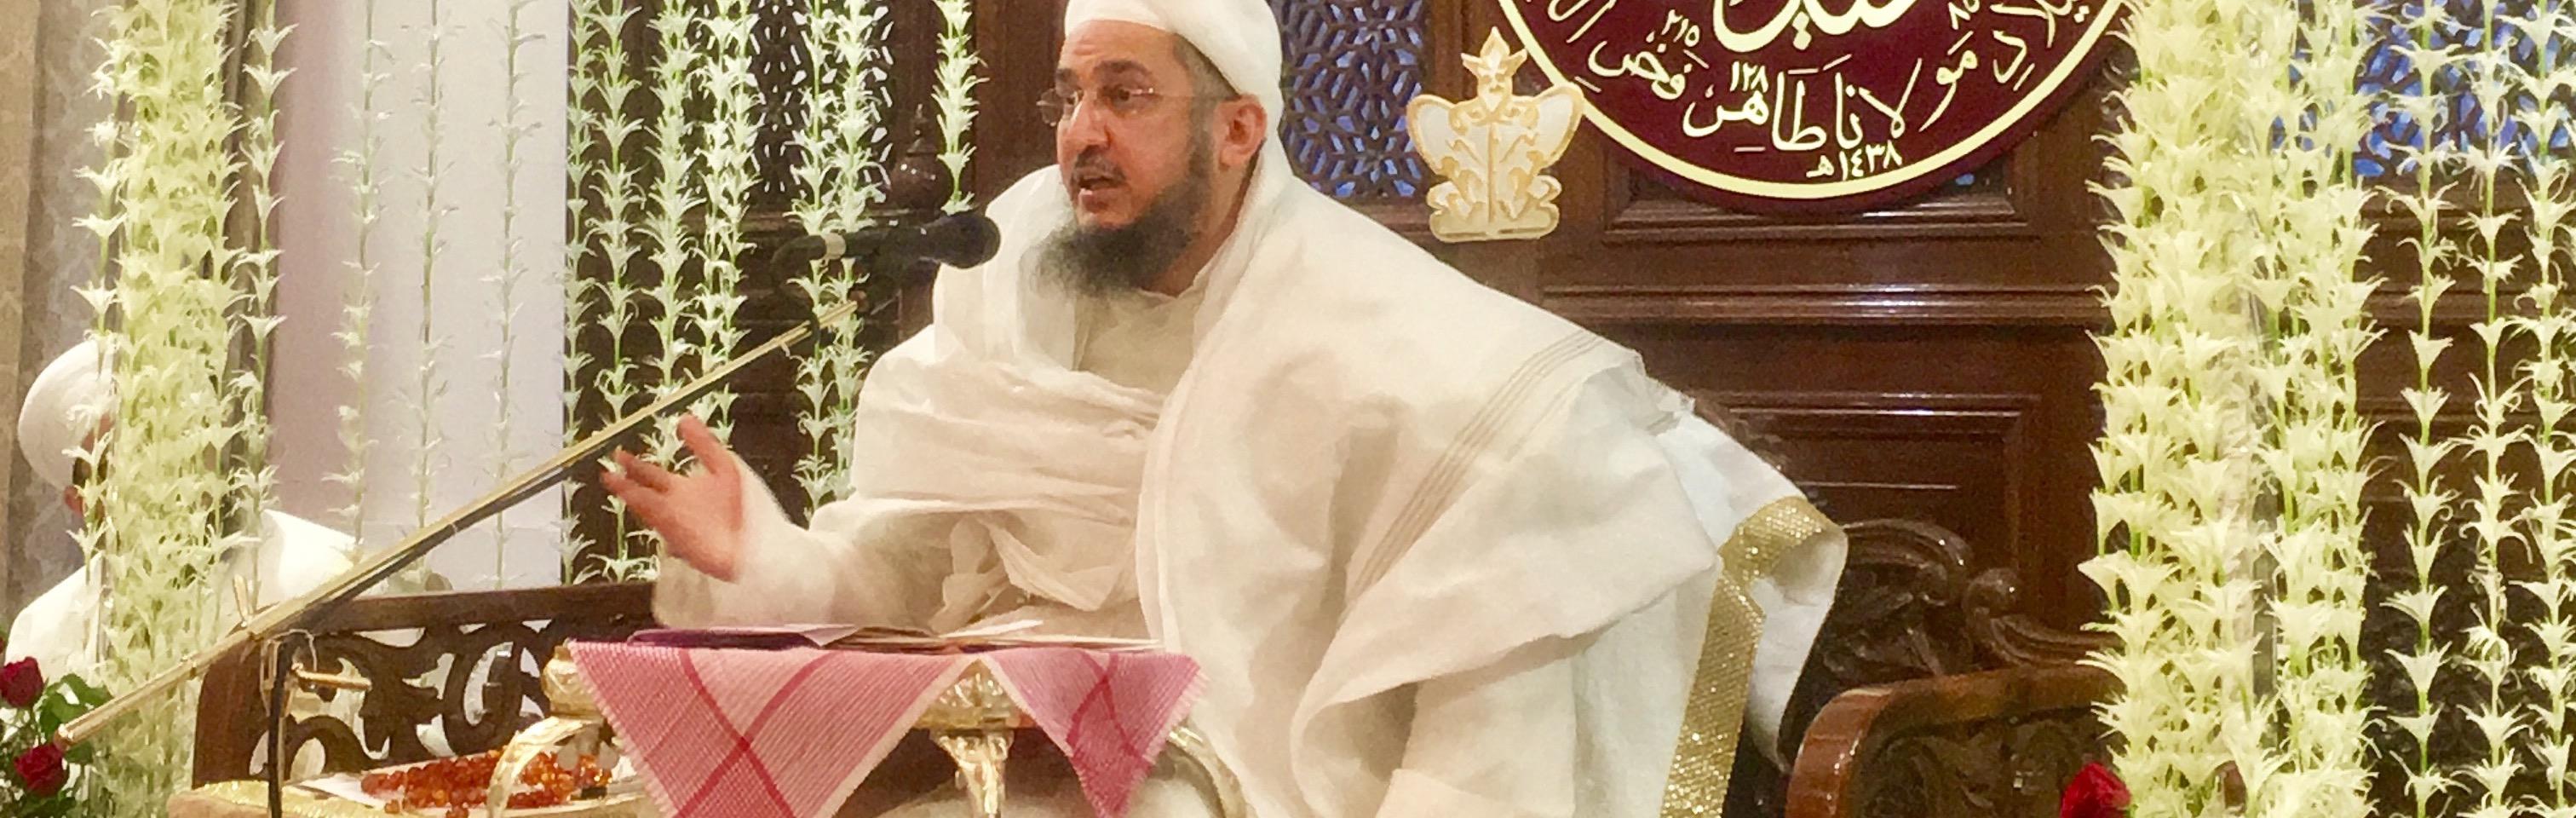 Syedna Fakhruddin, a Dawoodi Bohra Sect Leader, Condemns FGM as 'Un-Islamic'